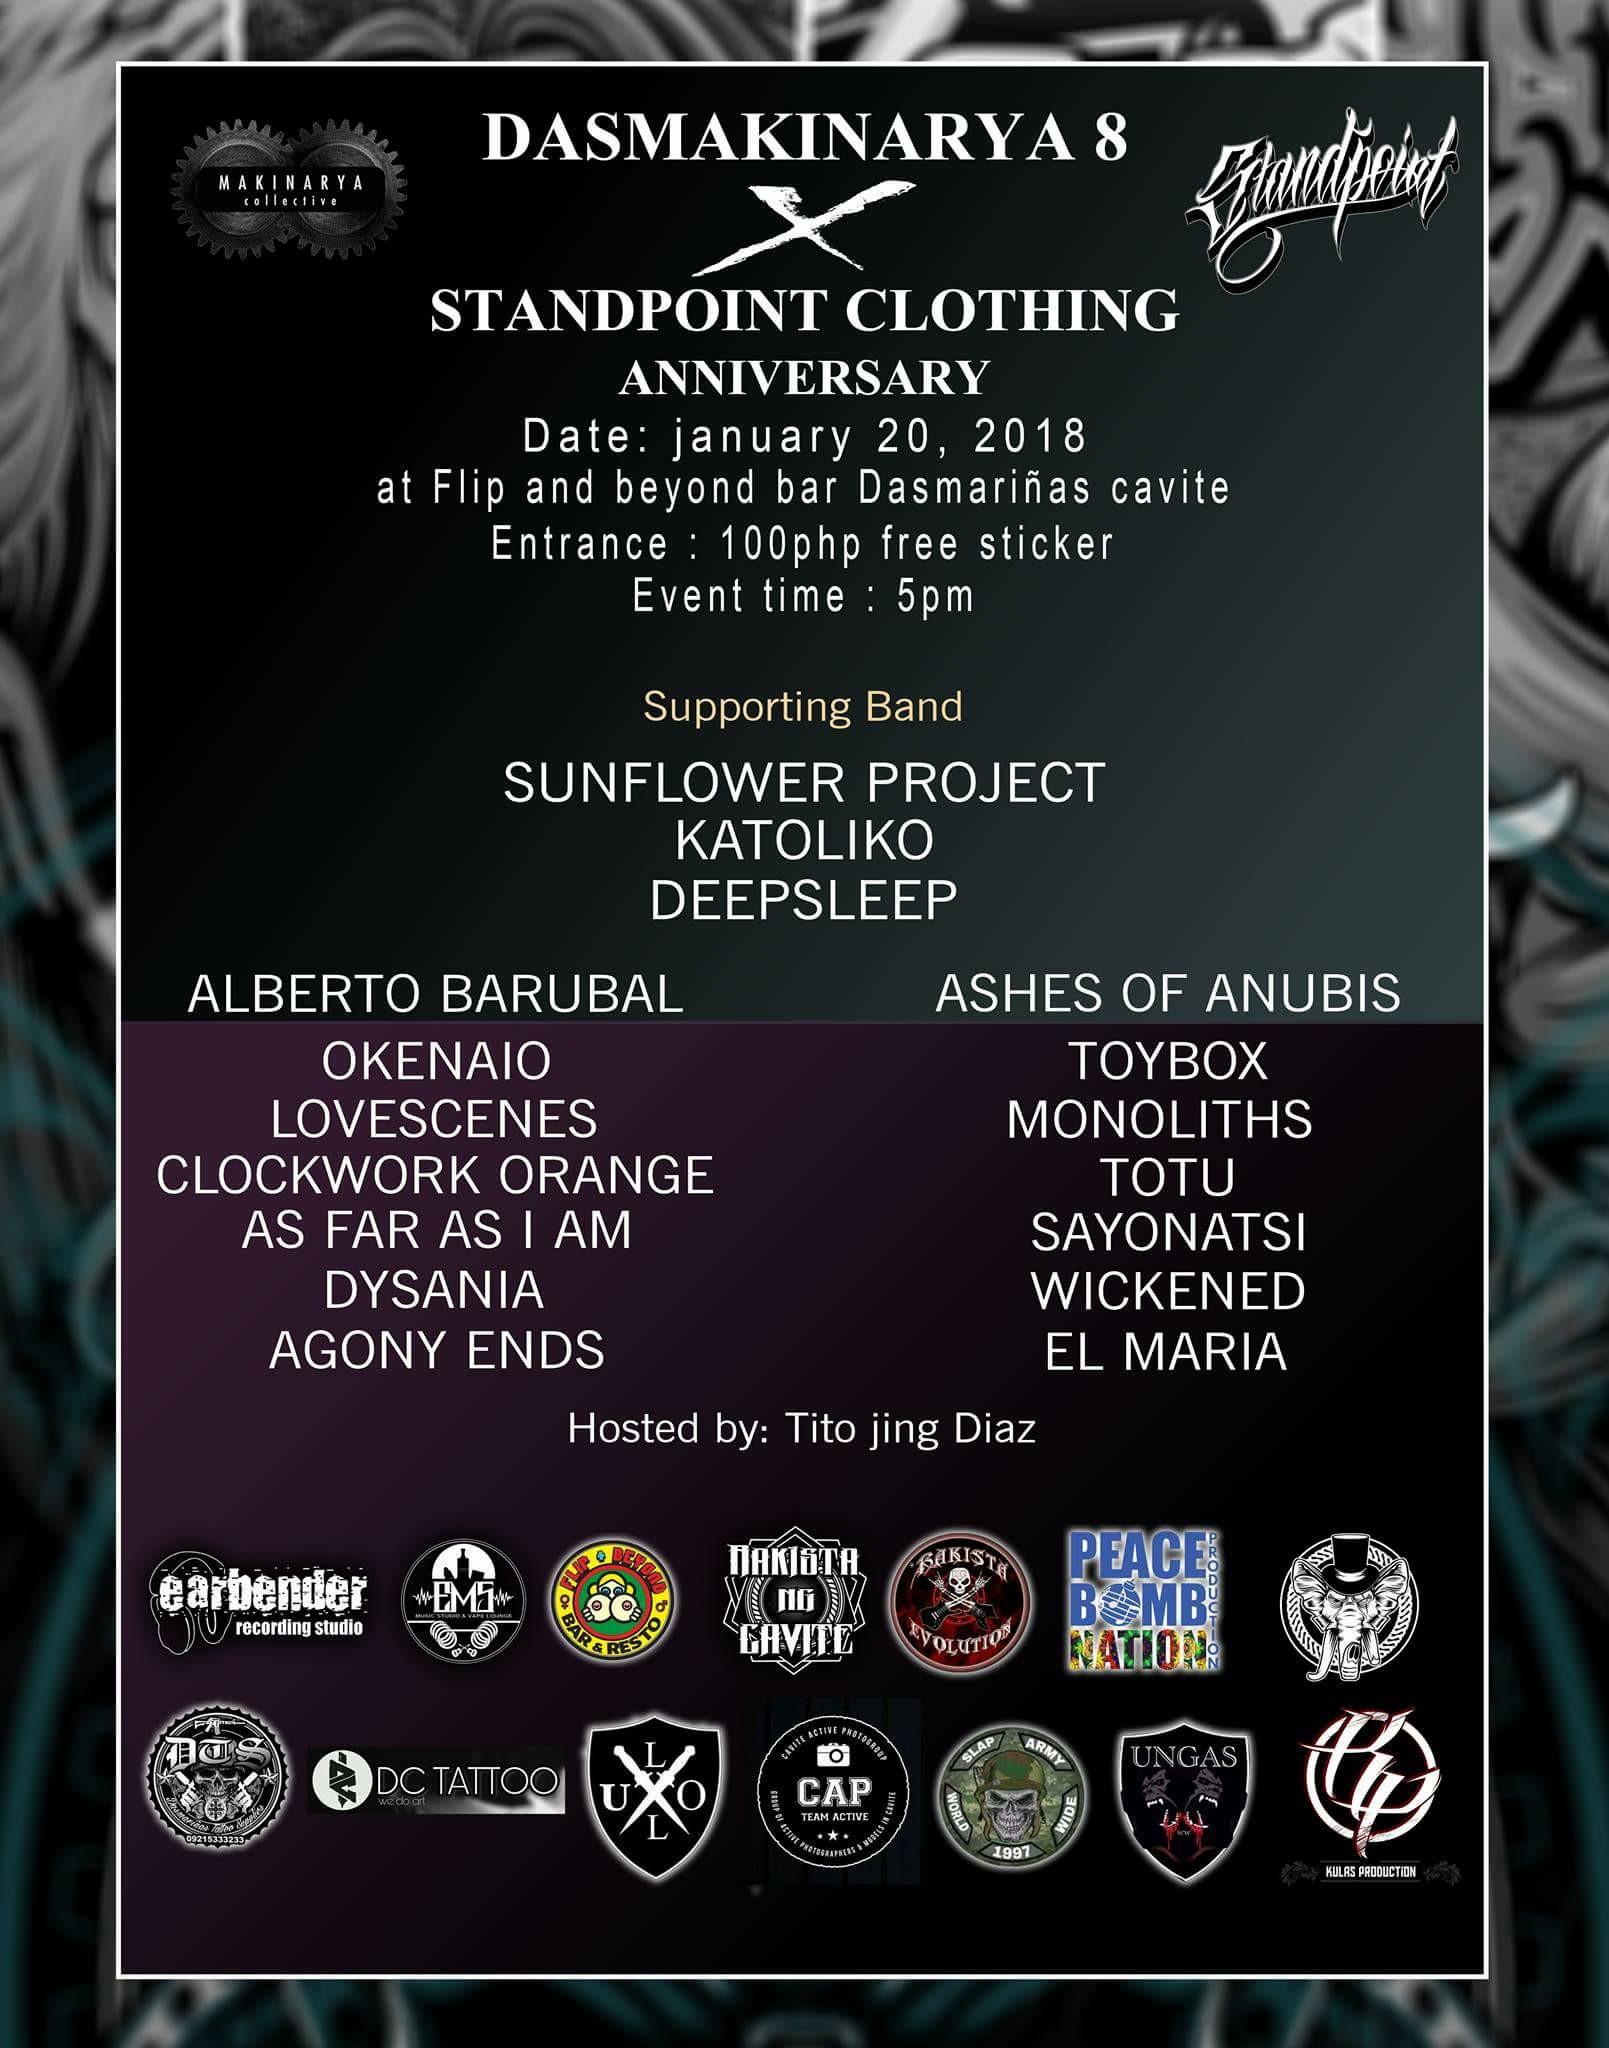 Dasmakinarya 8 × Standpoint Clothing Anniversary